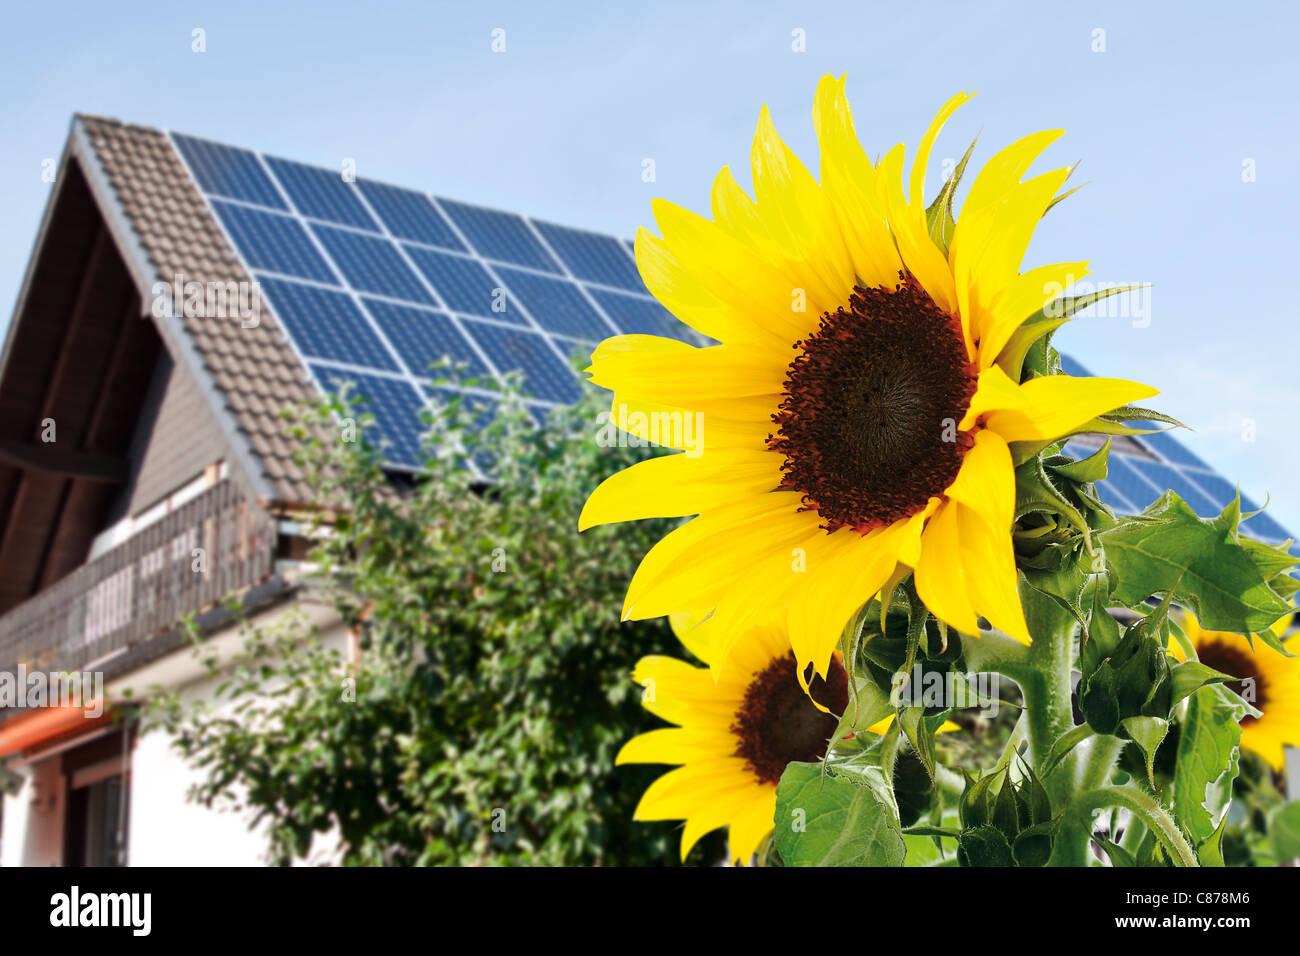 Alemania, Colonia, girasoles en la parte frontal de la casa con paneles solares Imagen De Stock